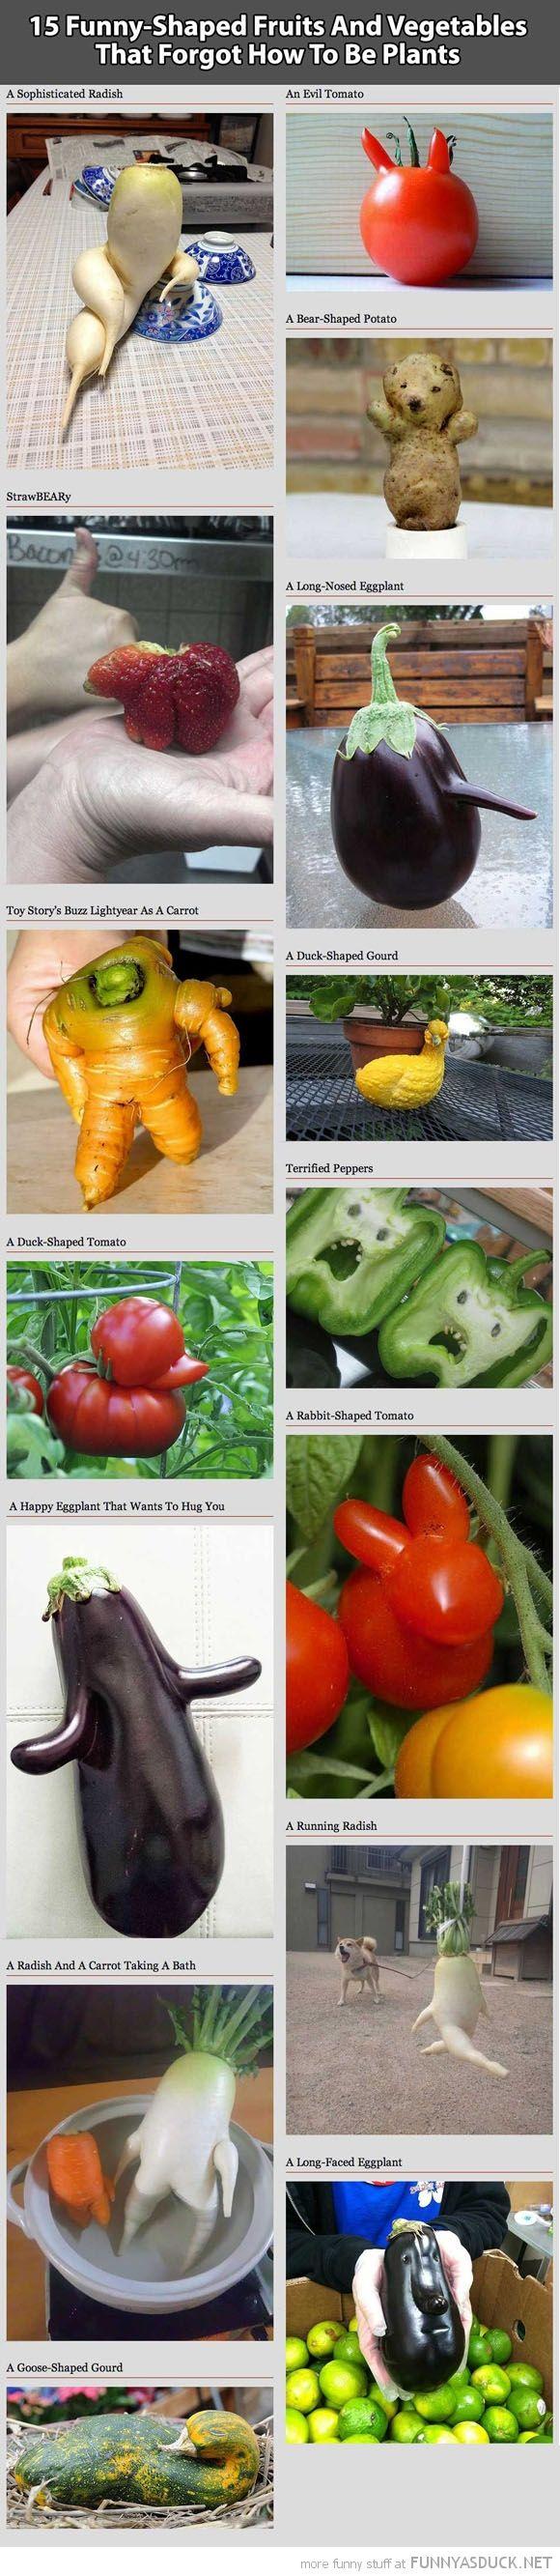 Citaten Over Fruit : Beste ideeën over voedsel humor op pinterest